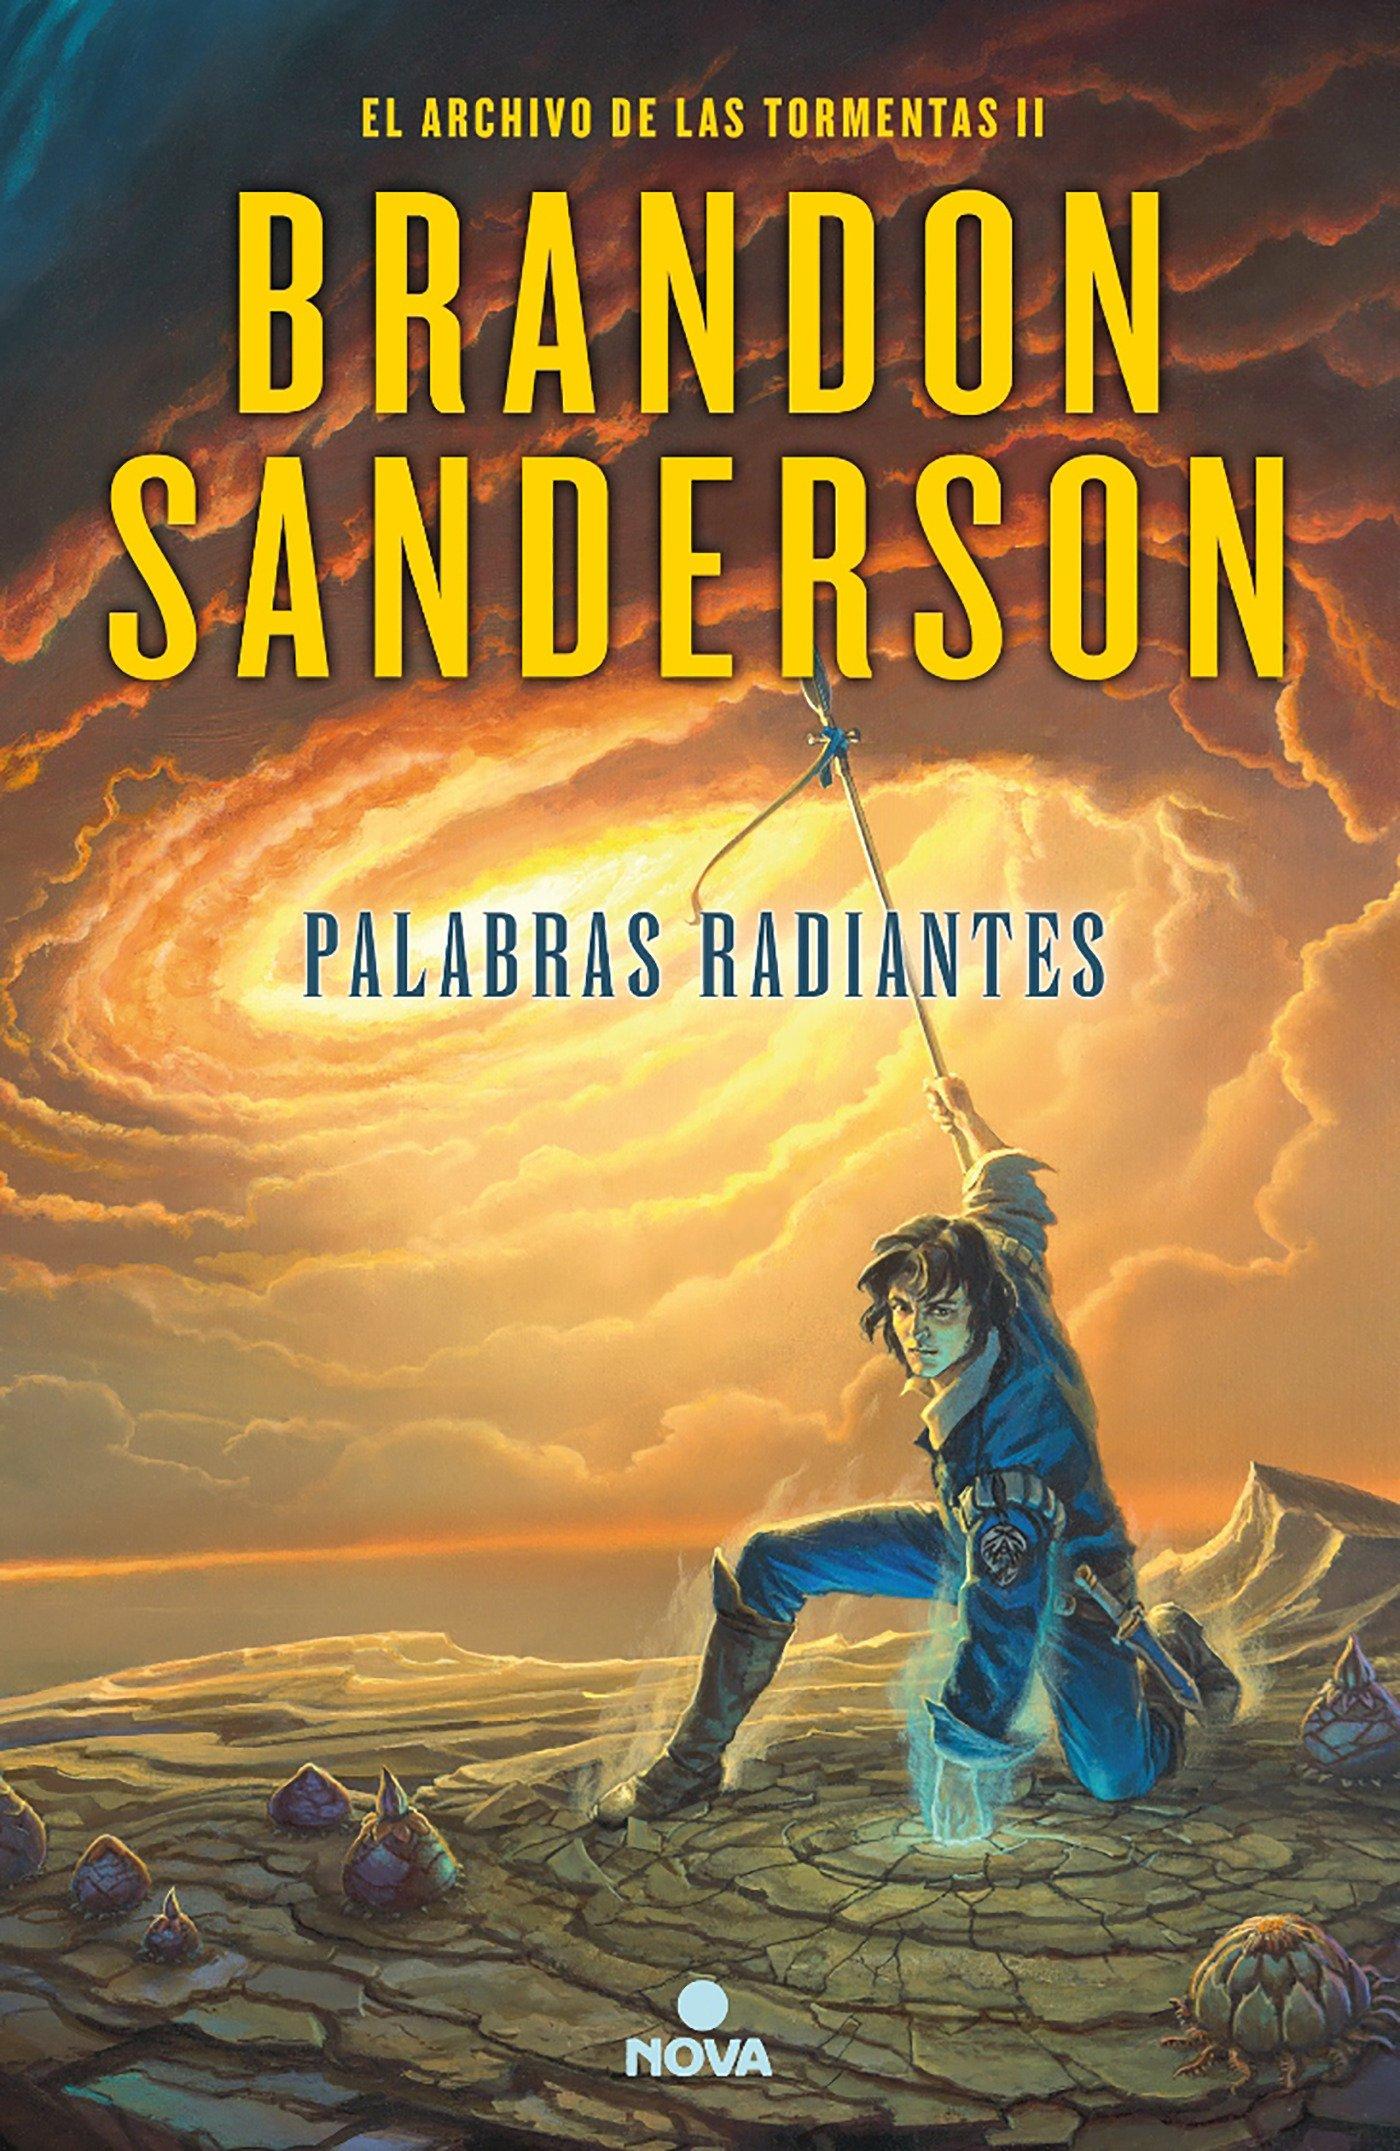 Palabras radiantes (El Archivo de las Tormentas 2) (NOVA) Tapa dura – 1 jul 2015 Brandon Sanderson 8466657541 Fantasy - Epic FICTION / Dystopian